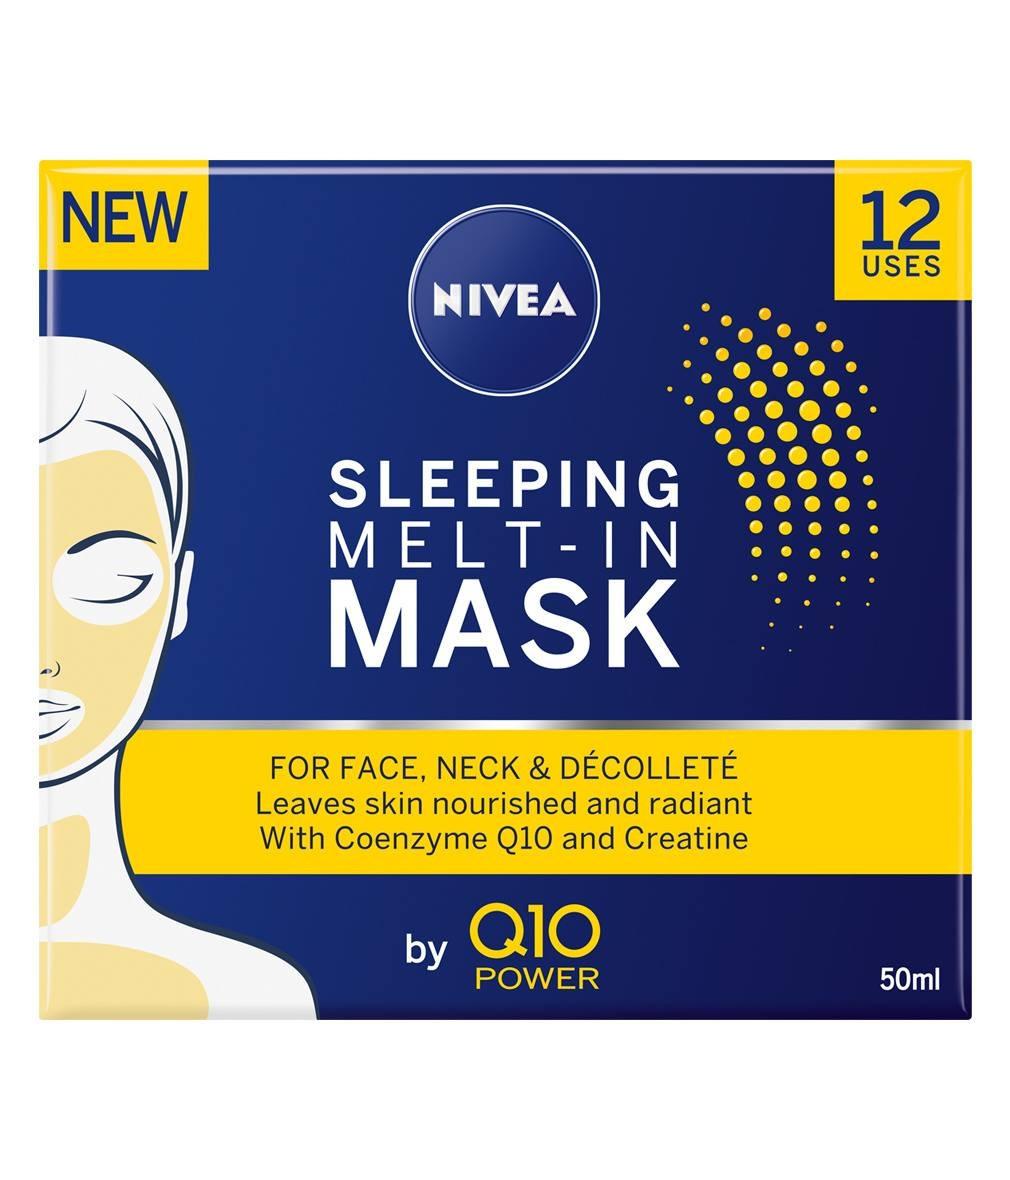 НИВЕА Q10 ПАУЪР Нощна маска 50мл | NIVEA Q10 POWER Sleeping melt-in mask 50ml